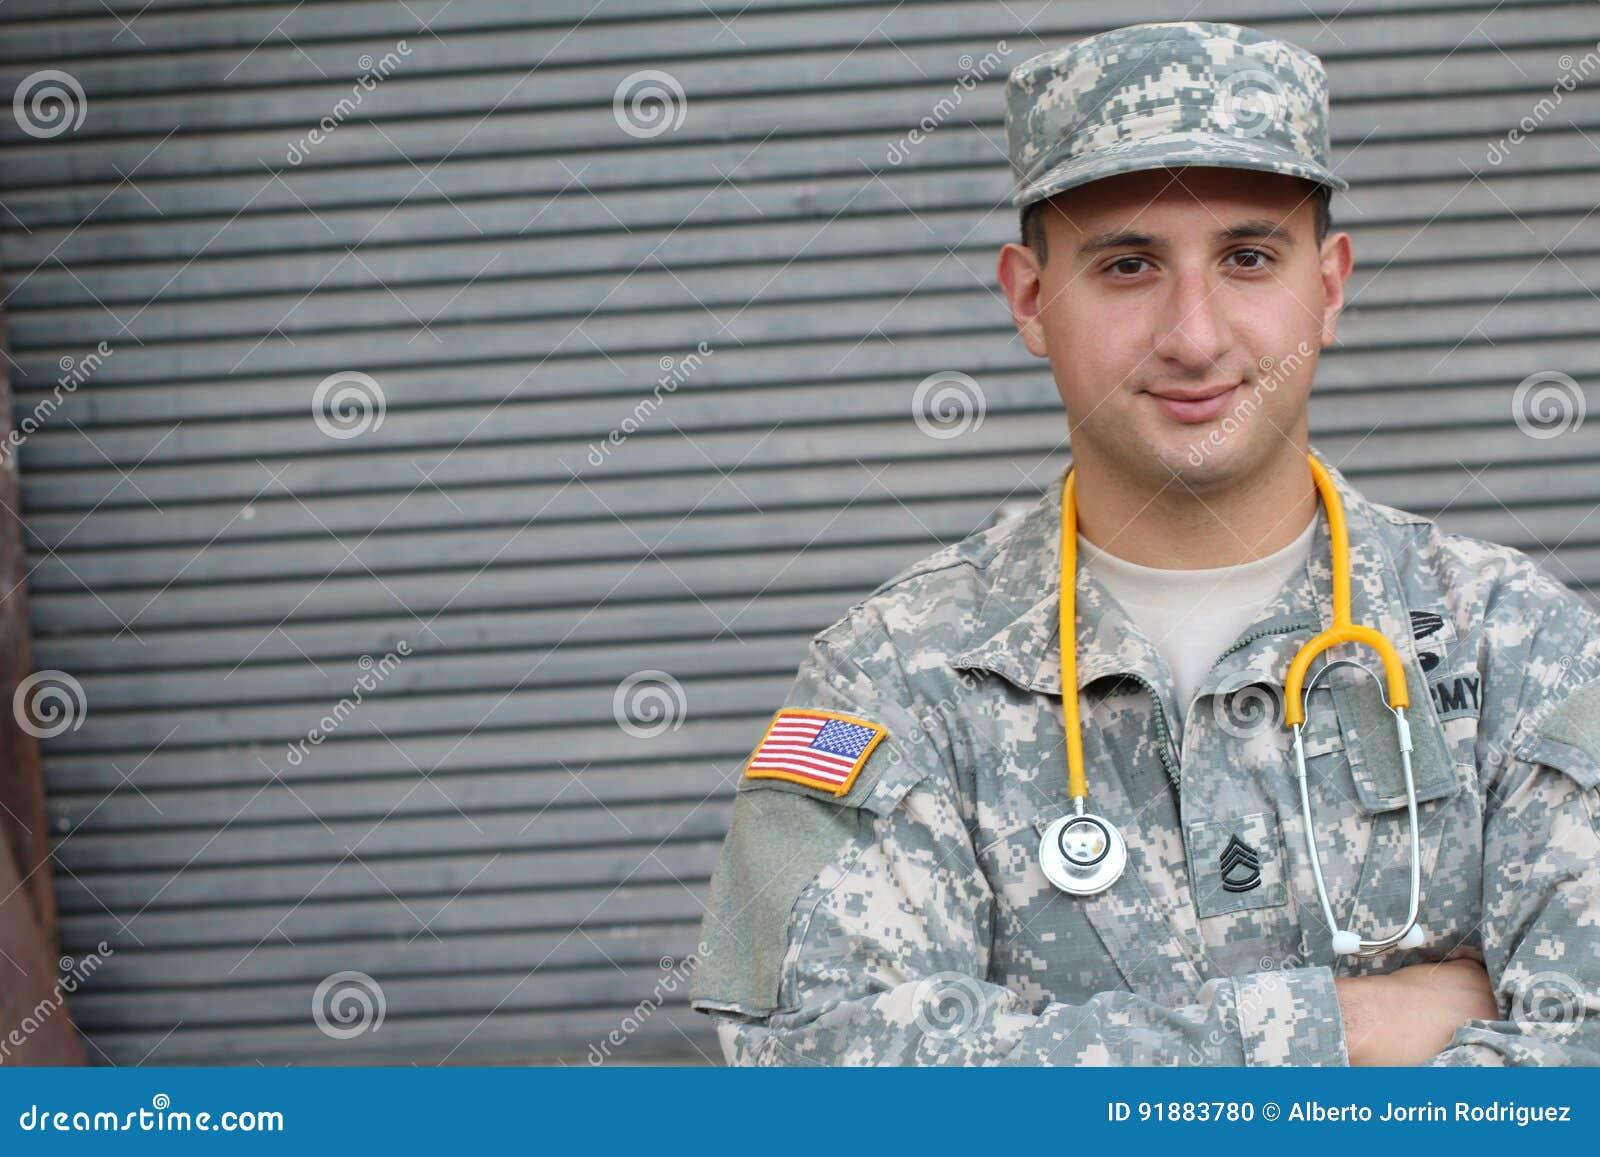 Mannelijke Amerikaanse Militair in Eenvormige Legercamouflage - Voorraadbeeld met exemplaarruimte